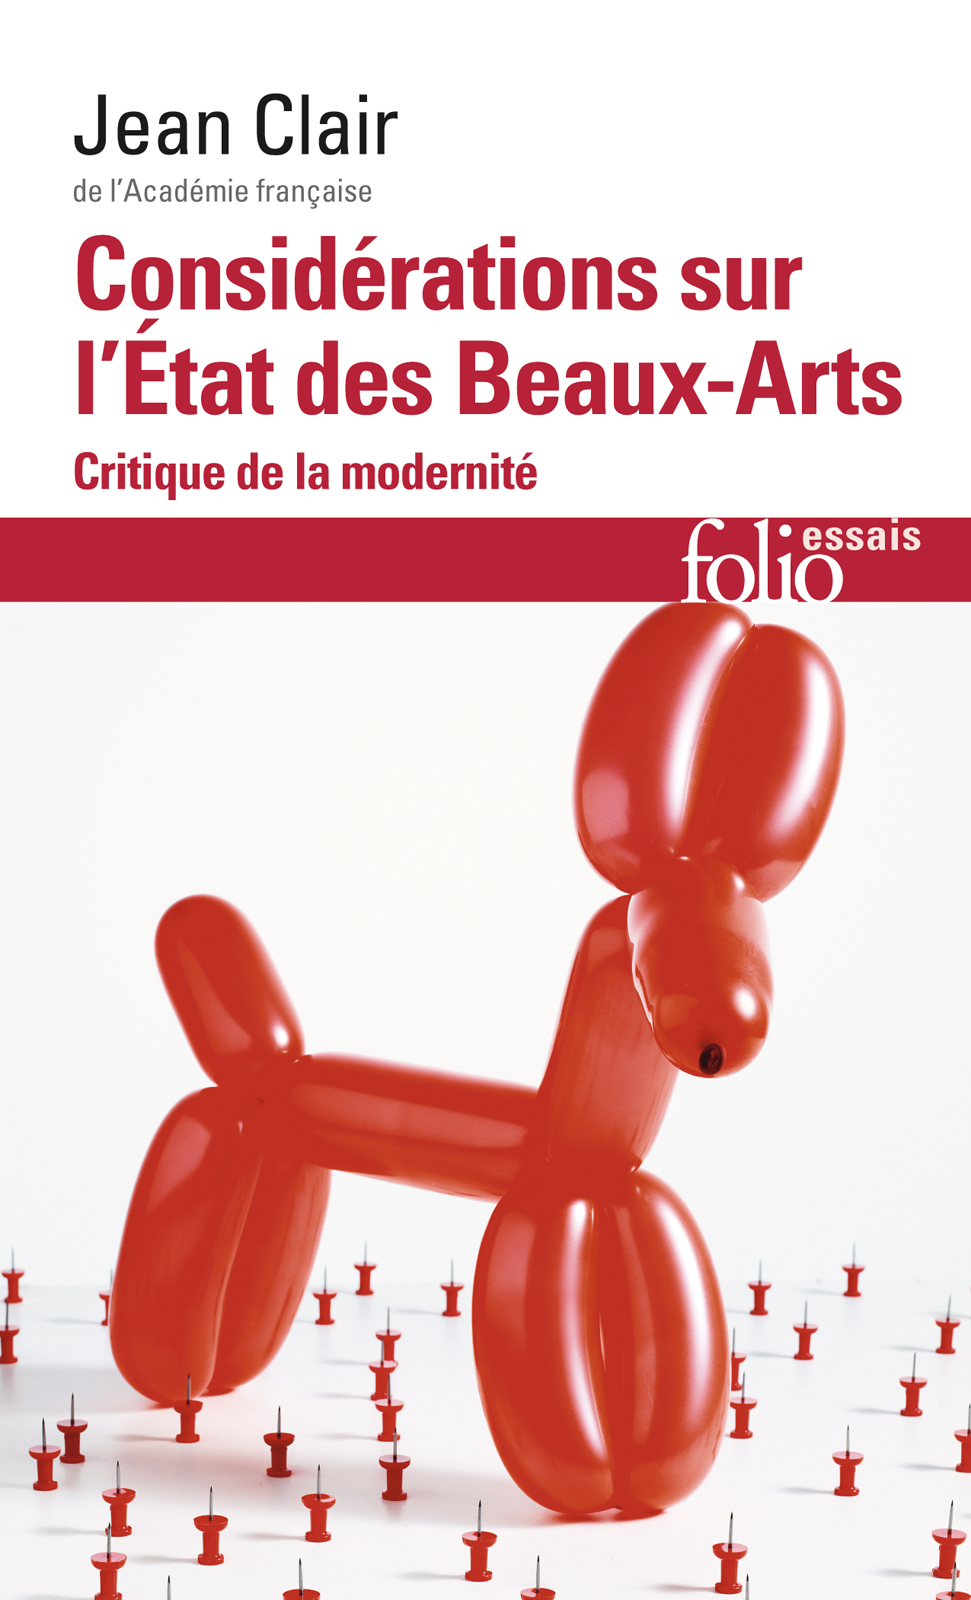 Considérations sur l'Etat des Beaux-Arts. Critique de la modernité